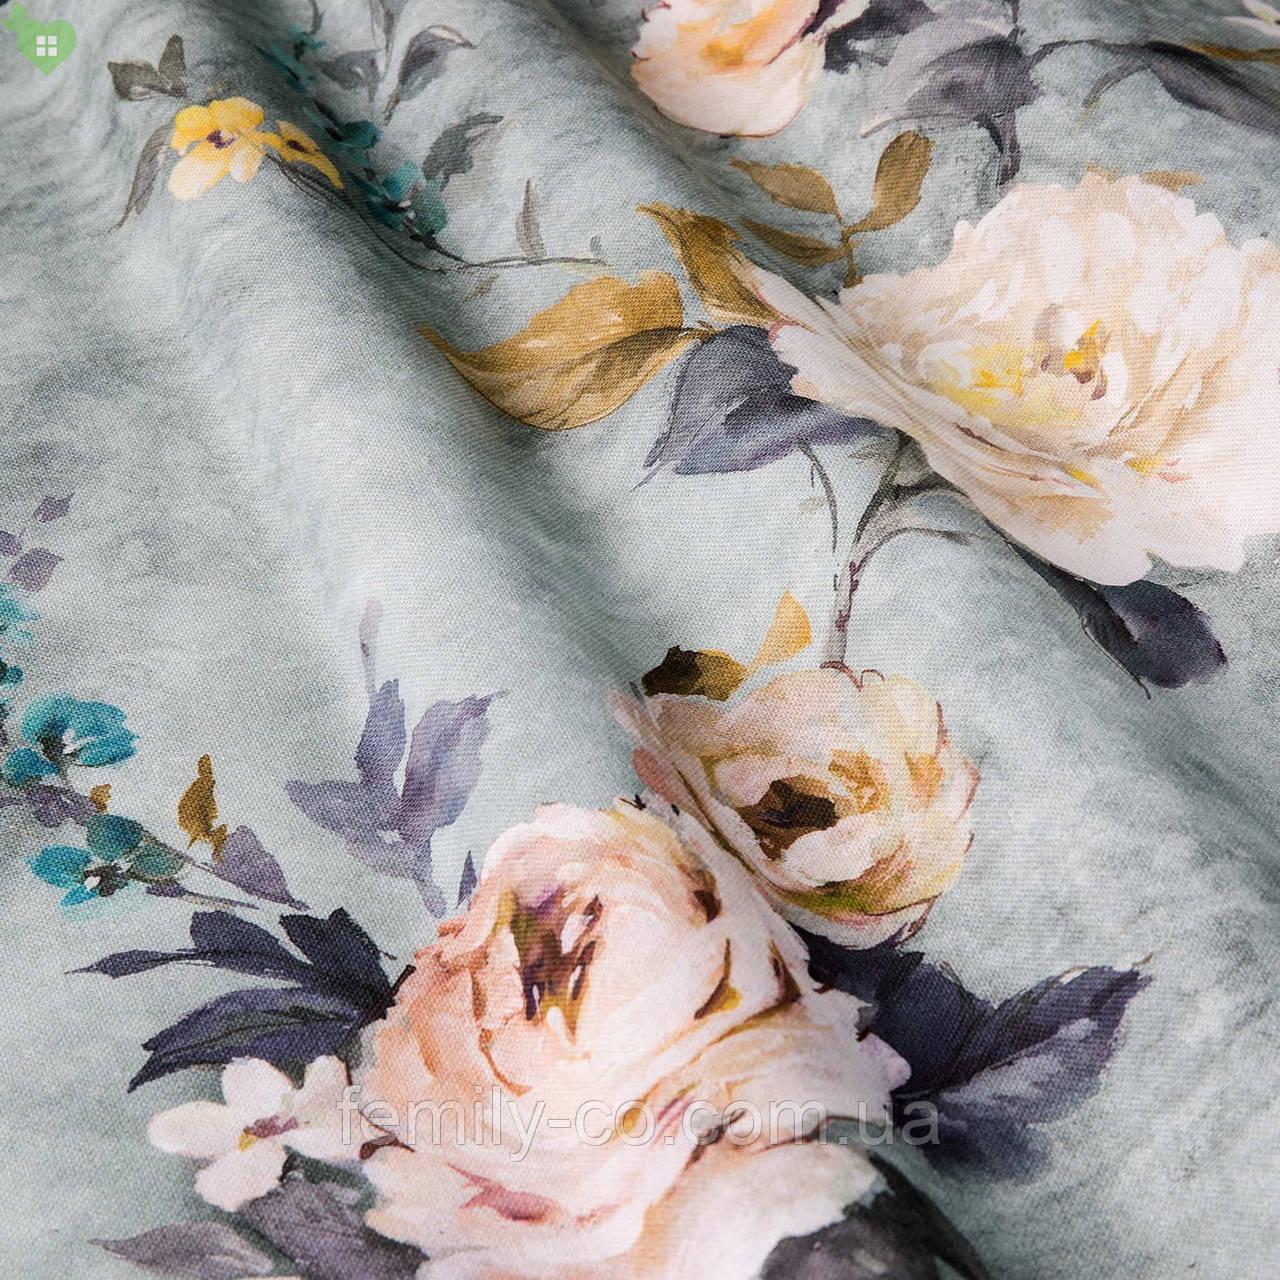 Декоративная ткань с мелкими бутонами розовых и бежевых цветов на голубом фоне Испания 83432v3